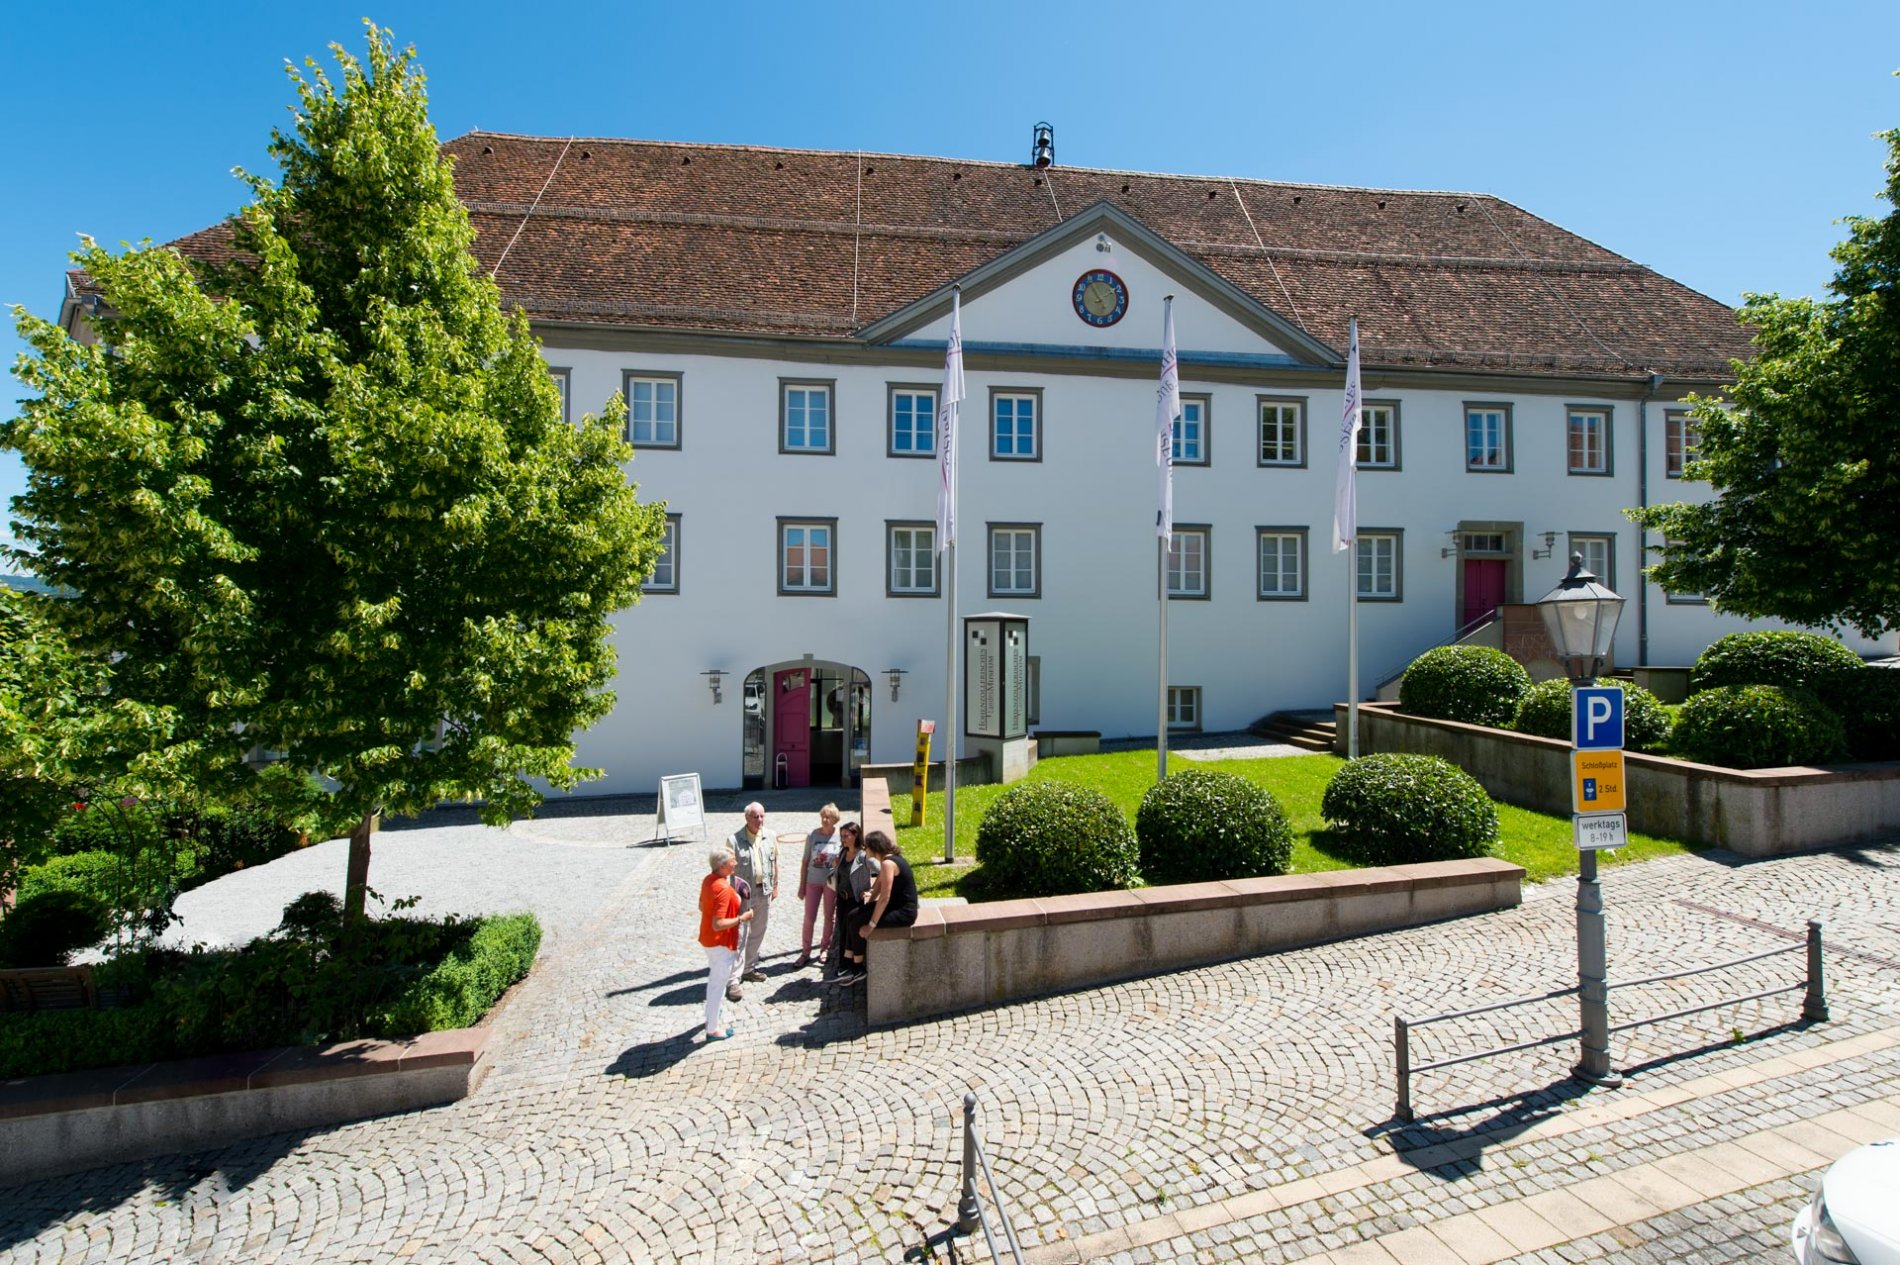 Hohenzollerisches Landesmuseum im Alten Schloss in Hechingen